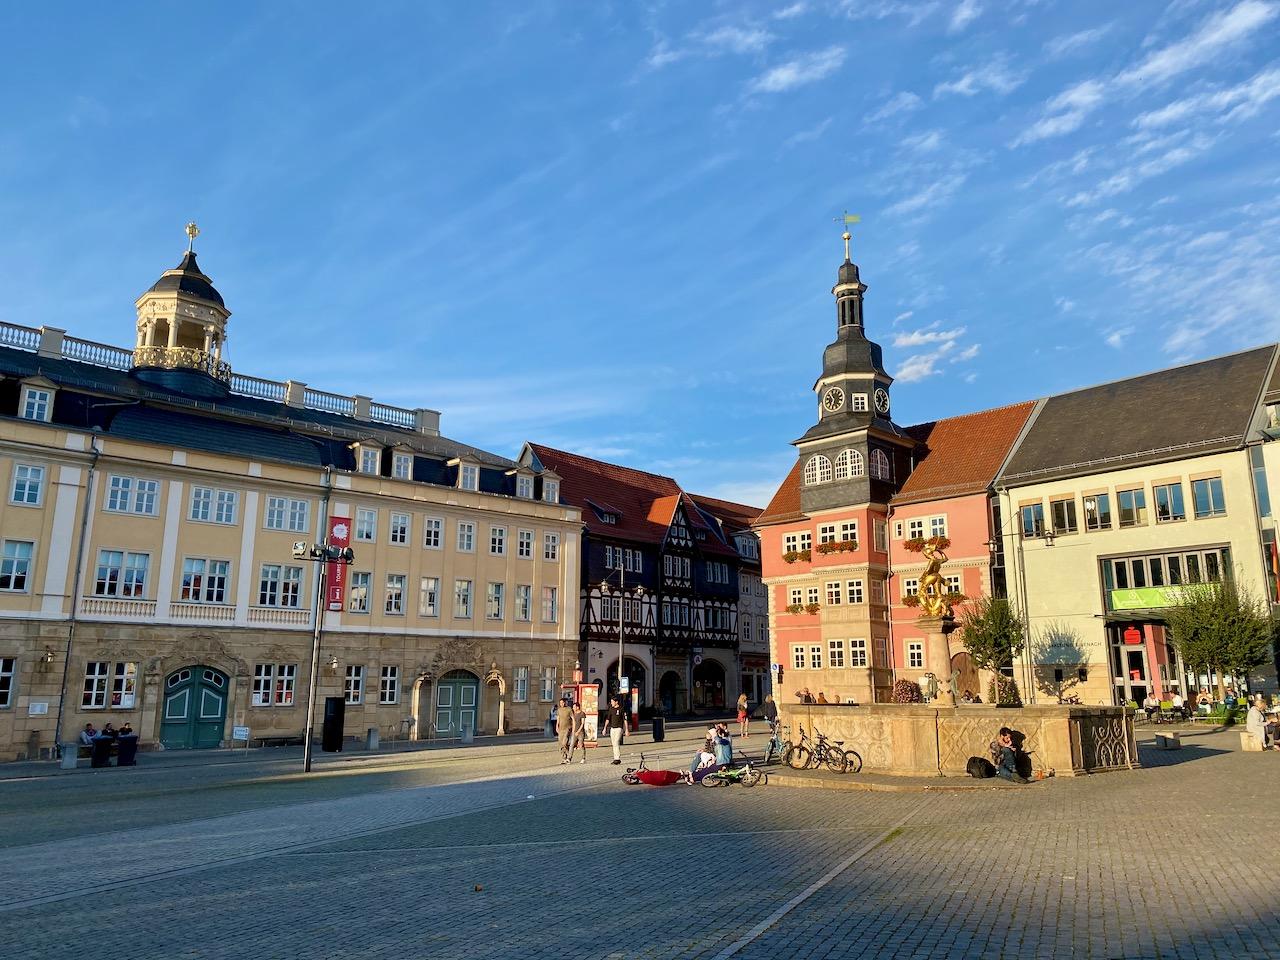 Eisenach Marktplatz